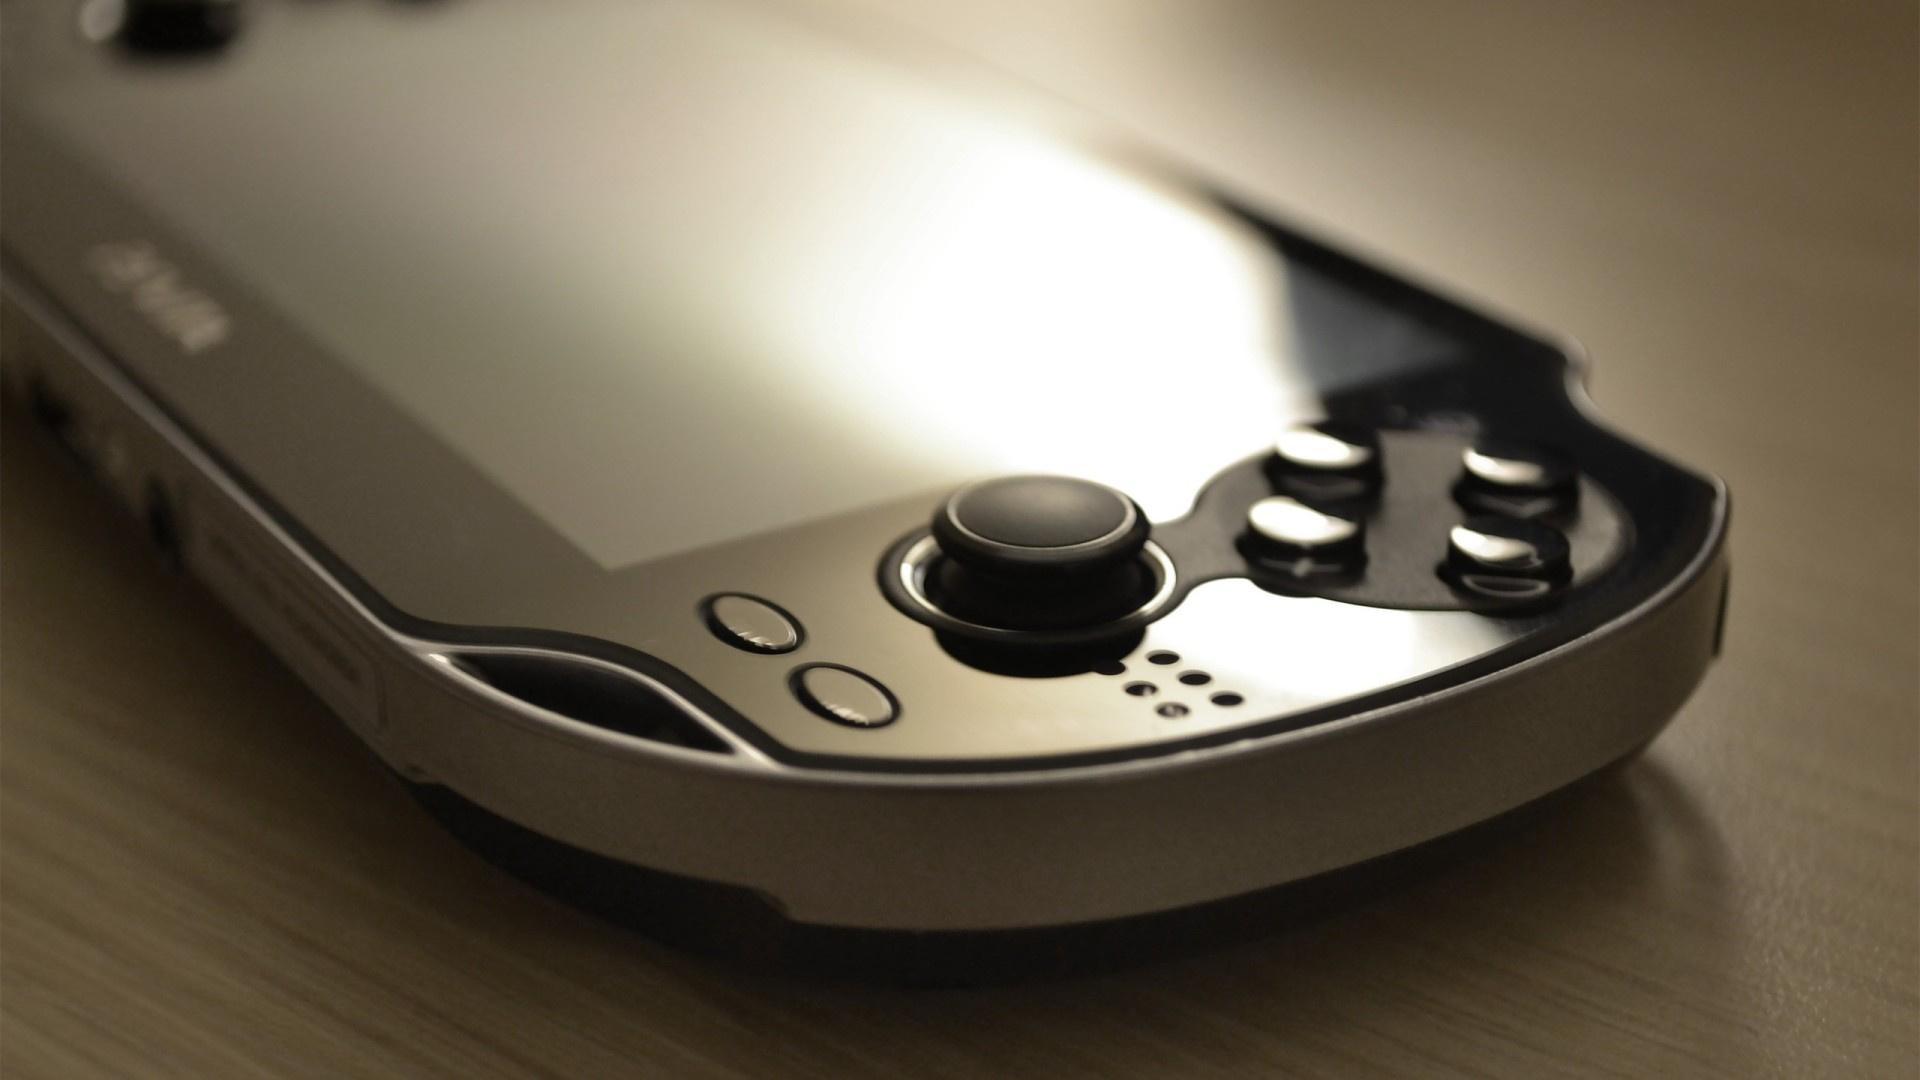 Soapbox: PS Vita's Longevity Has Been Quite Remarkable